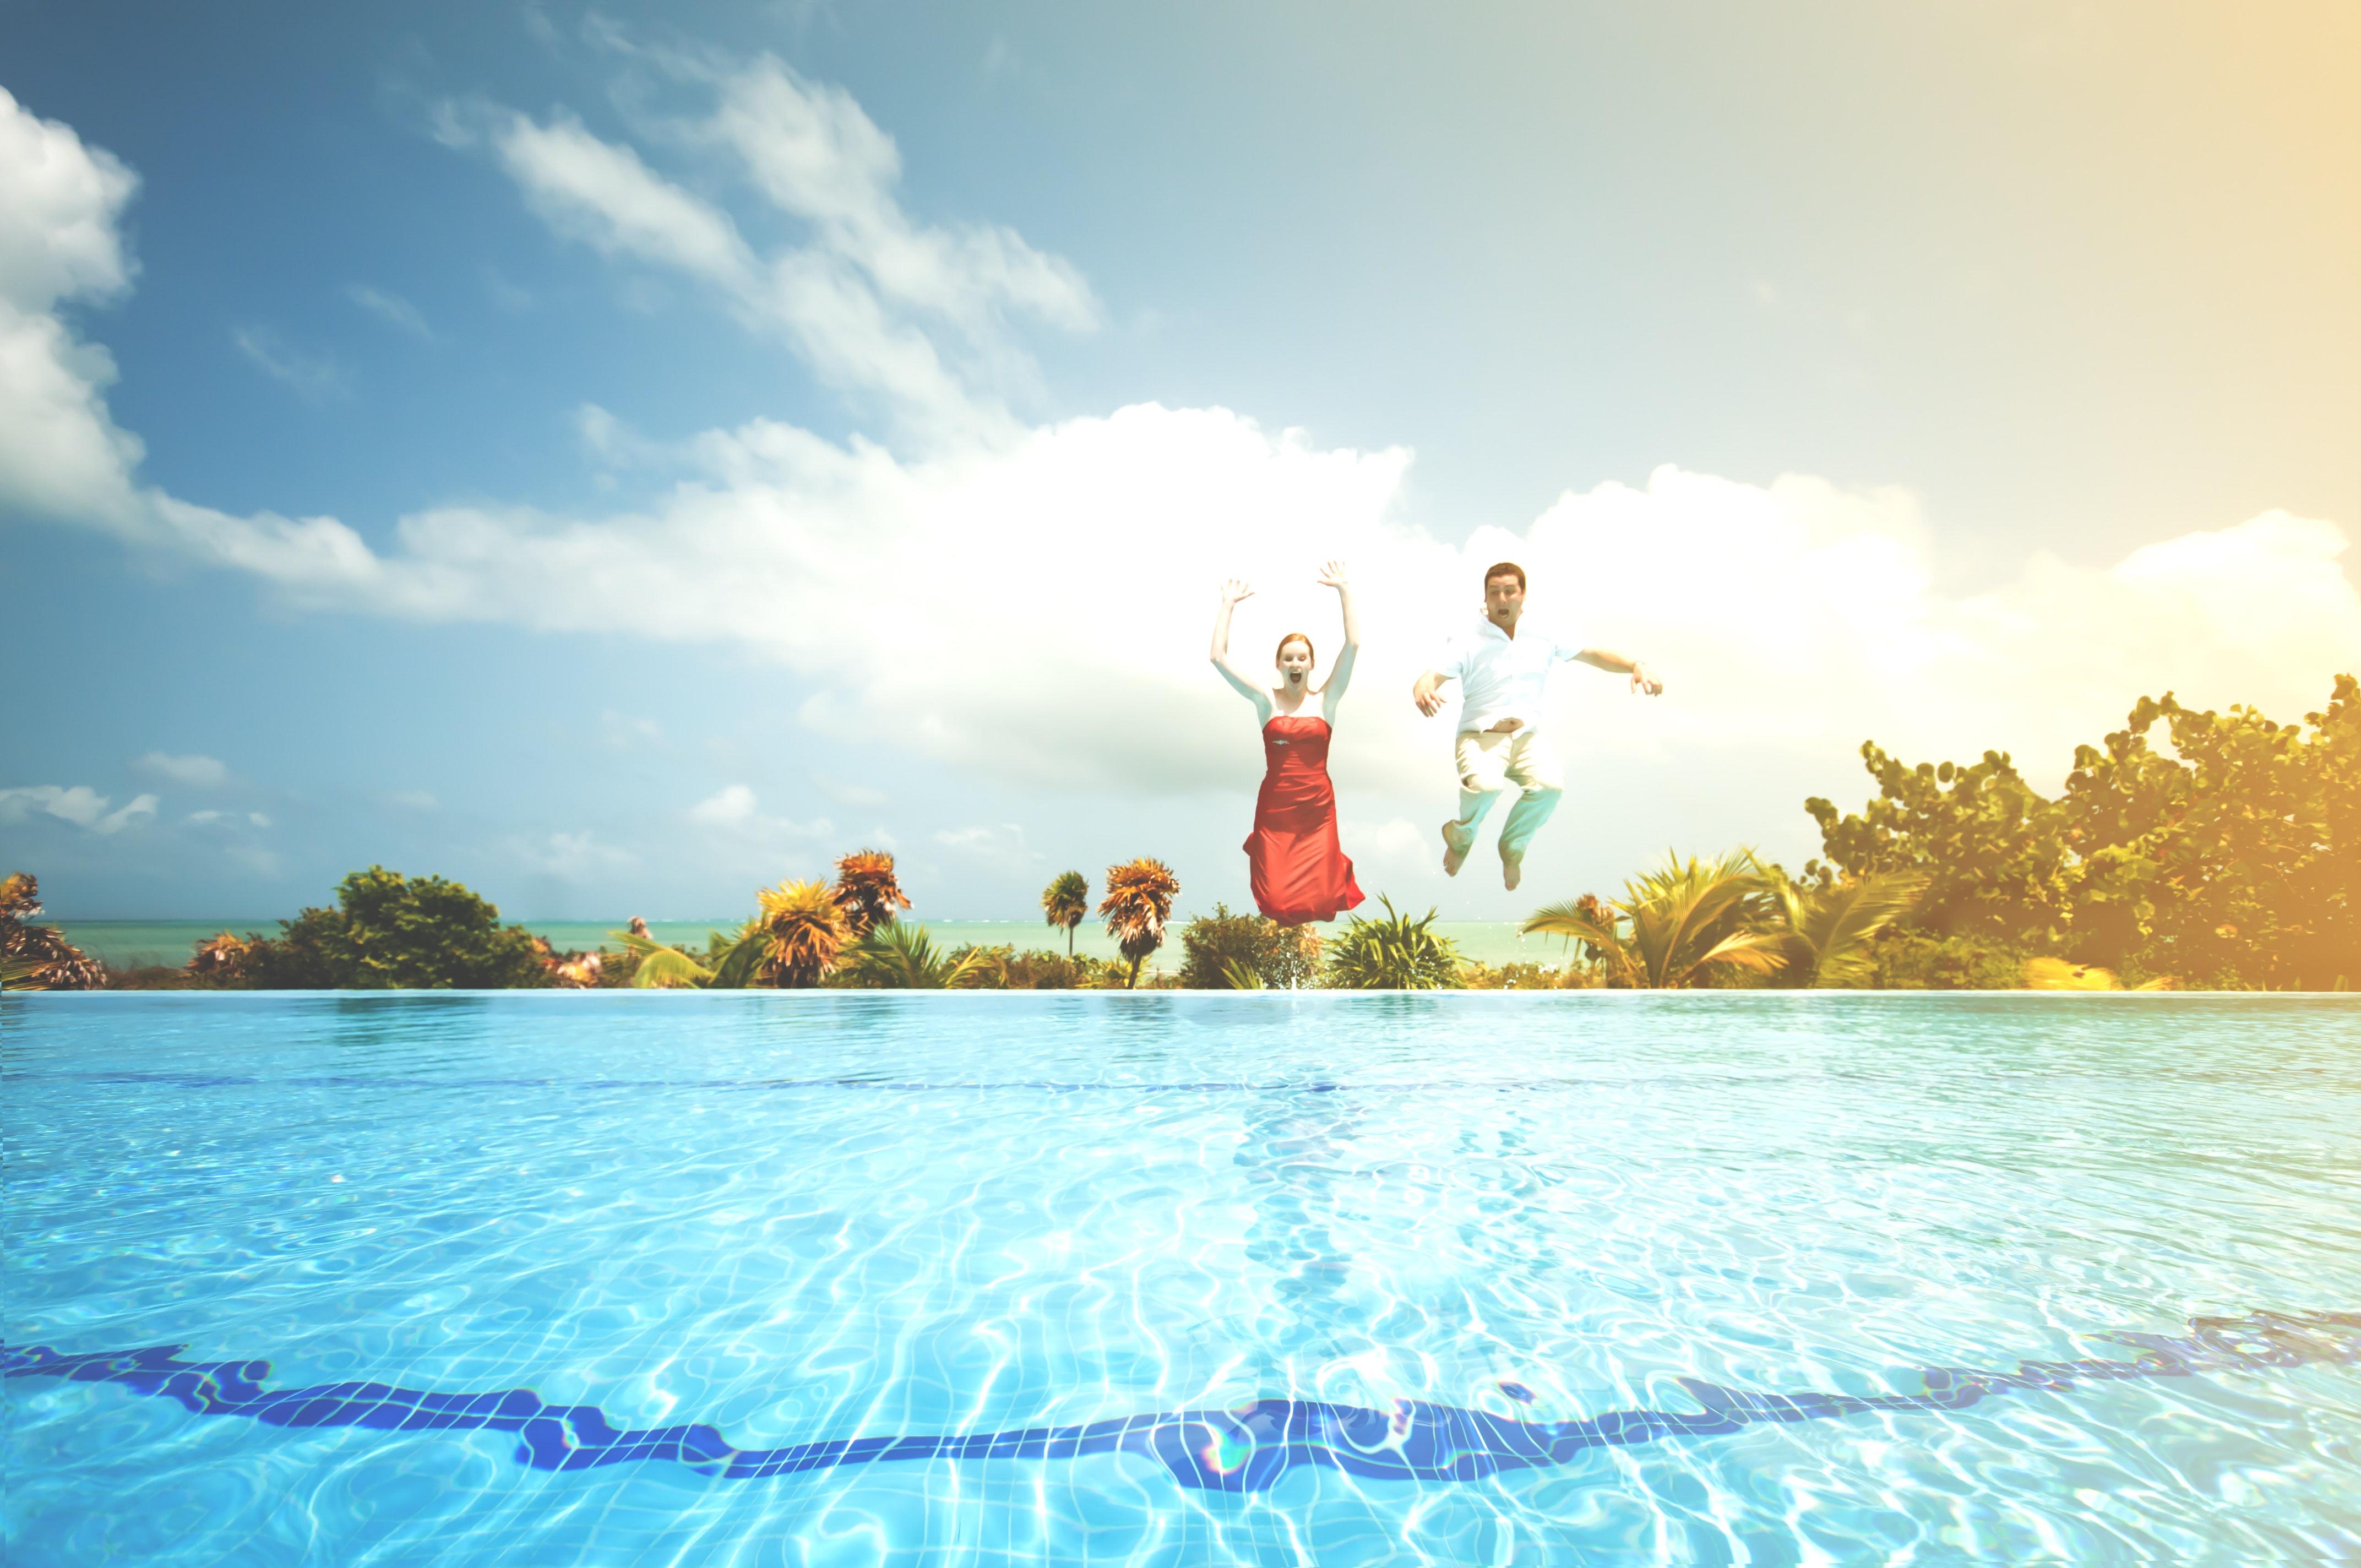 Voksne hopper ut i bassenget.